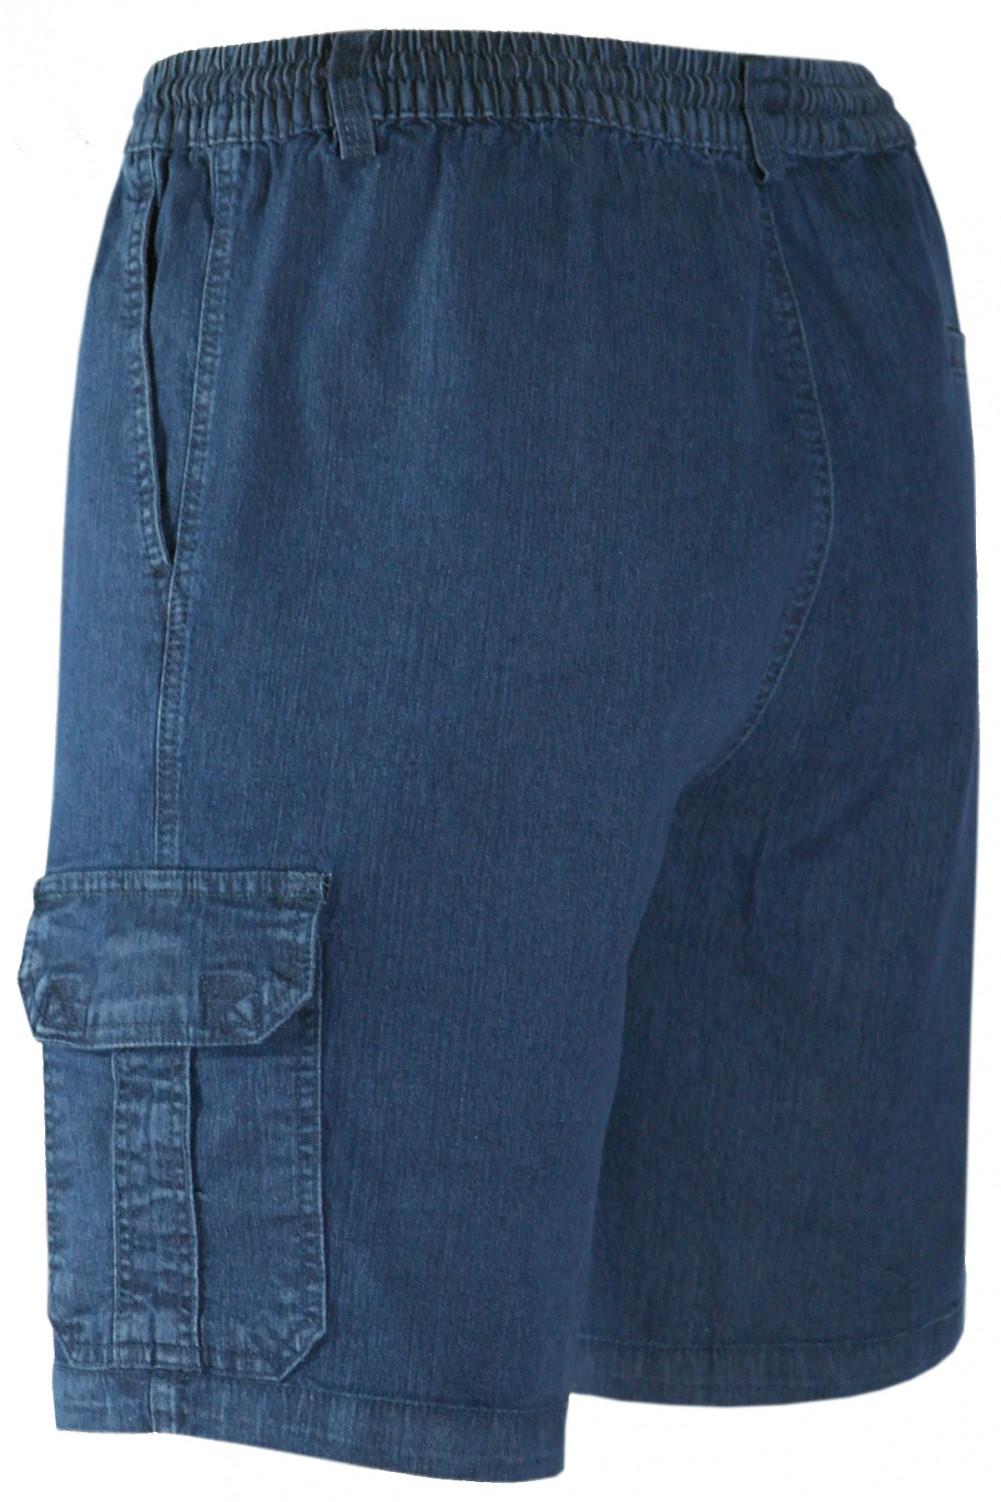 Herren Schlupf-Jeans Shorts kurze Hose aus Stretch Baumwolle - Dark Blue/Setenansicht